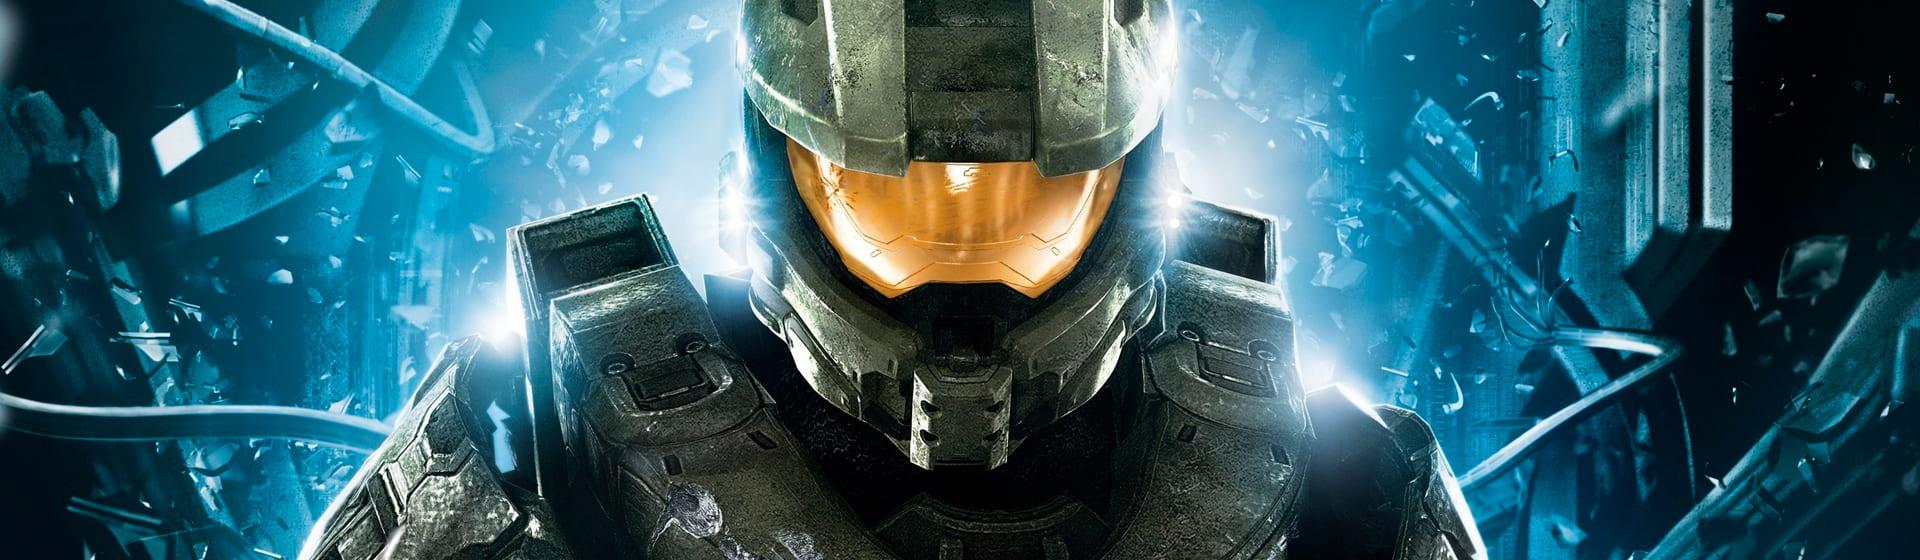 Halo - Мерч и одежда с атрибутикой